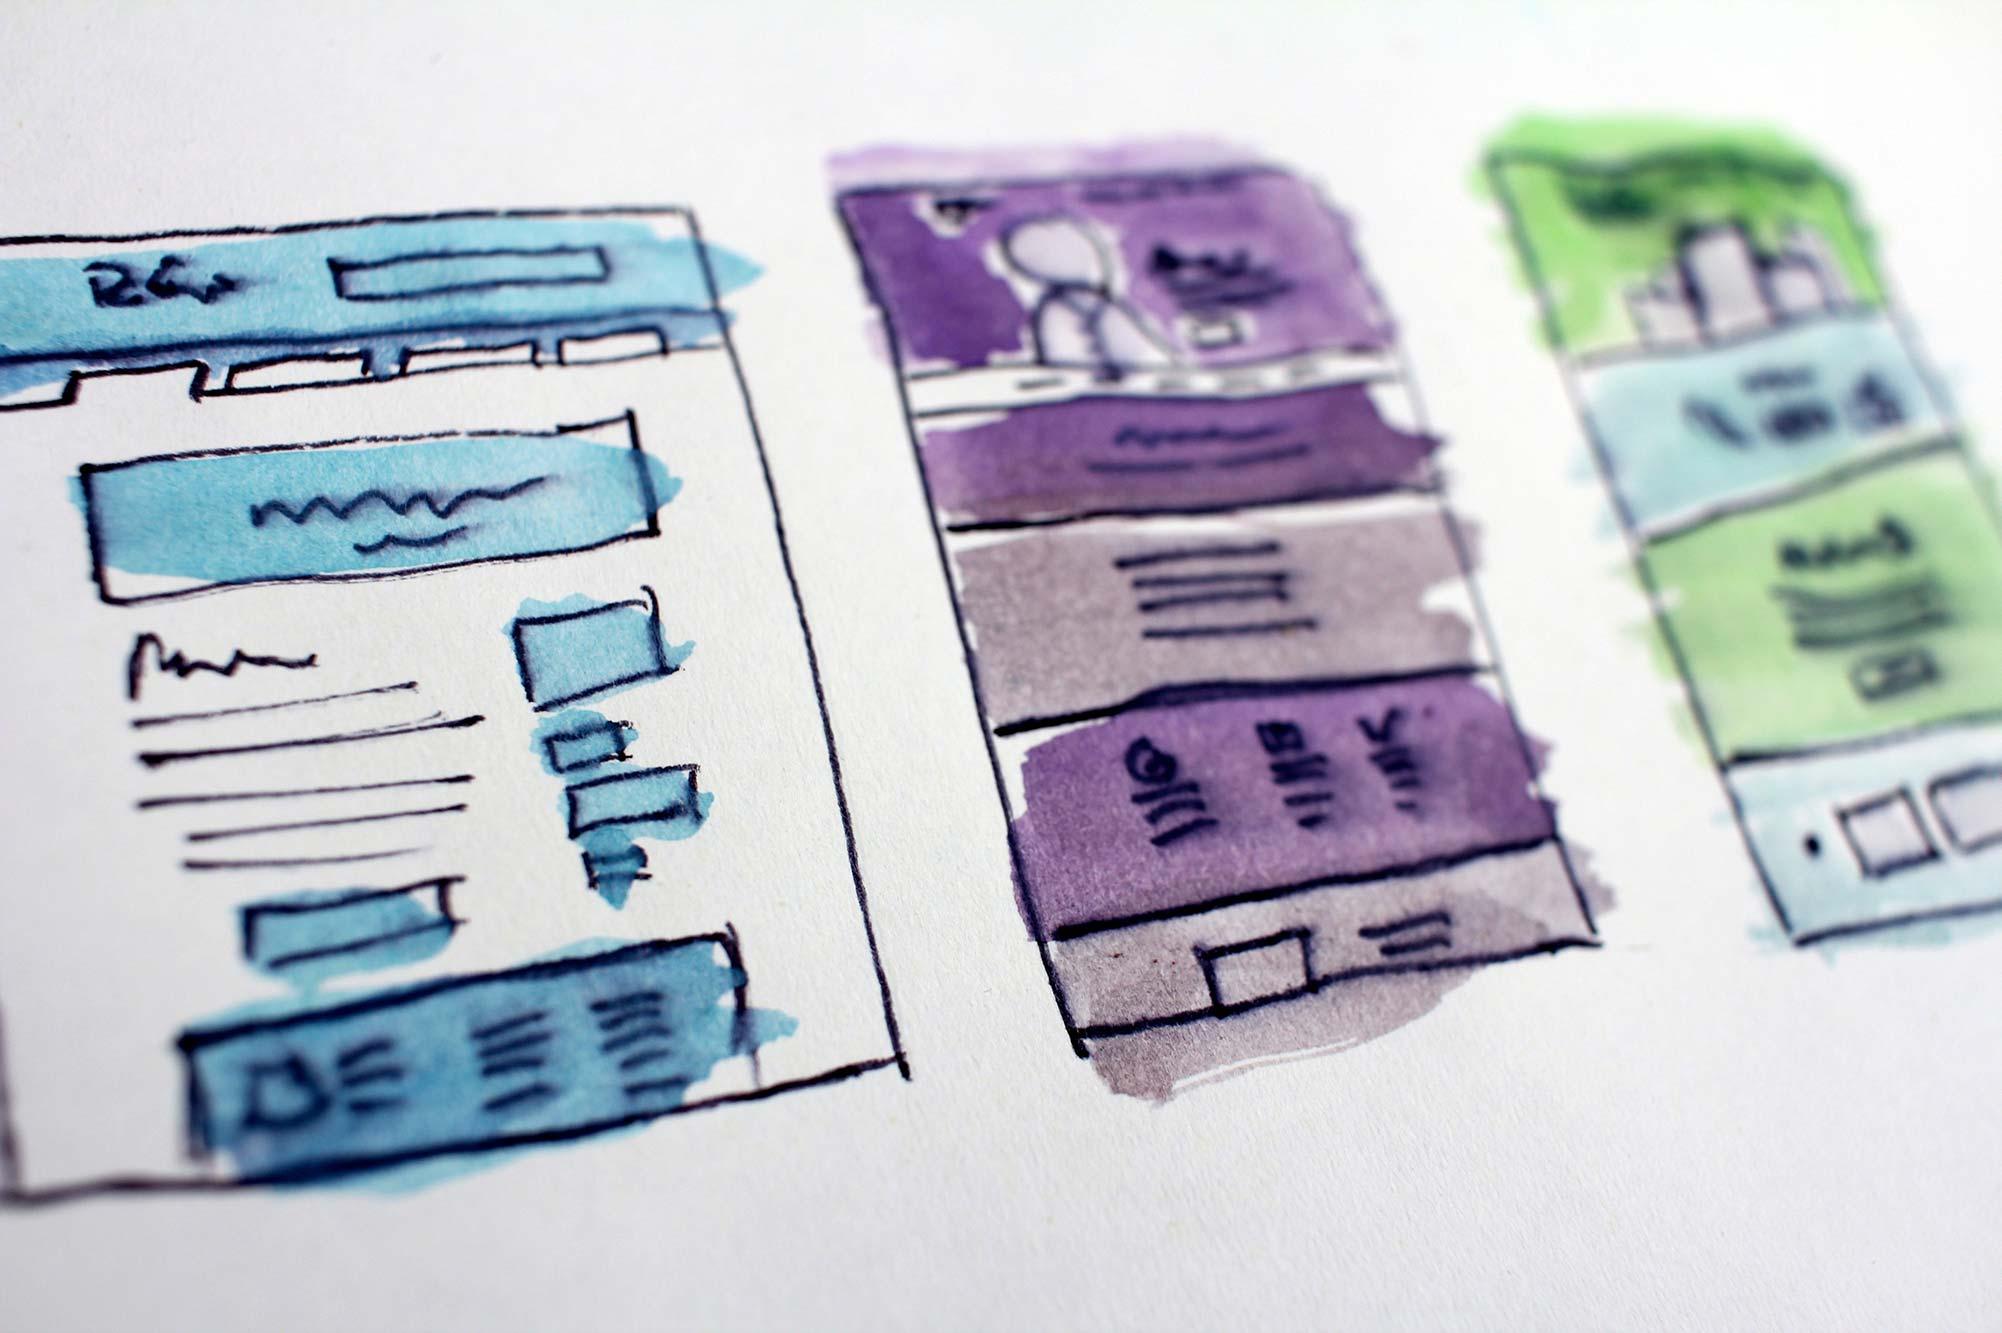 Webbdesign går inte bara ut på att skapa men även på att planera och få så bra överblick som möjligt